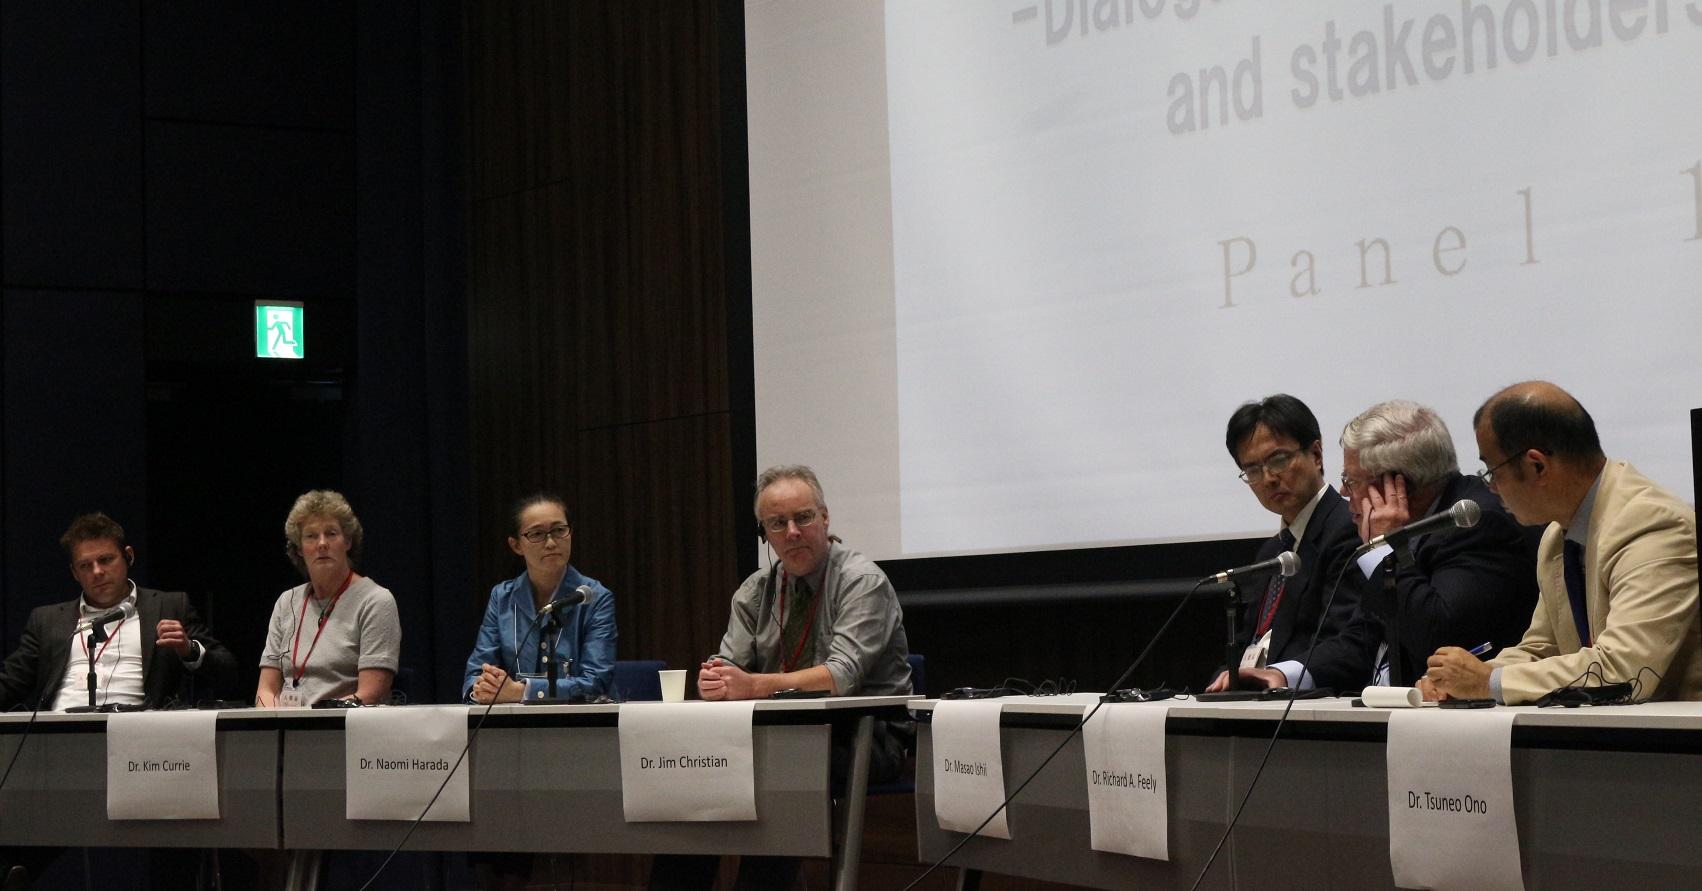 「温暖化・海洋酸性化の研究と対策に関する国際シンポジウム -科学と政策の接点-」開催報告